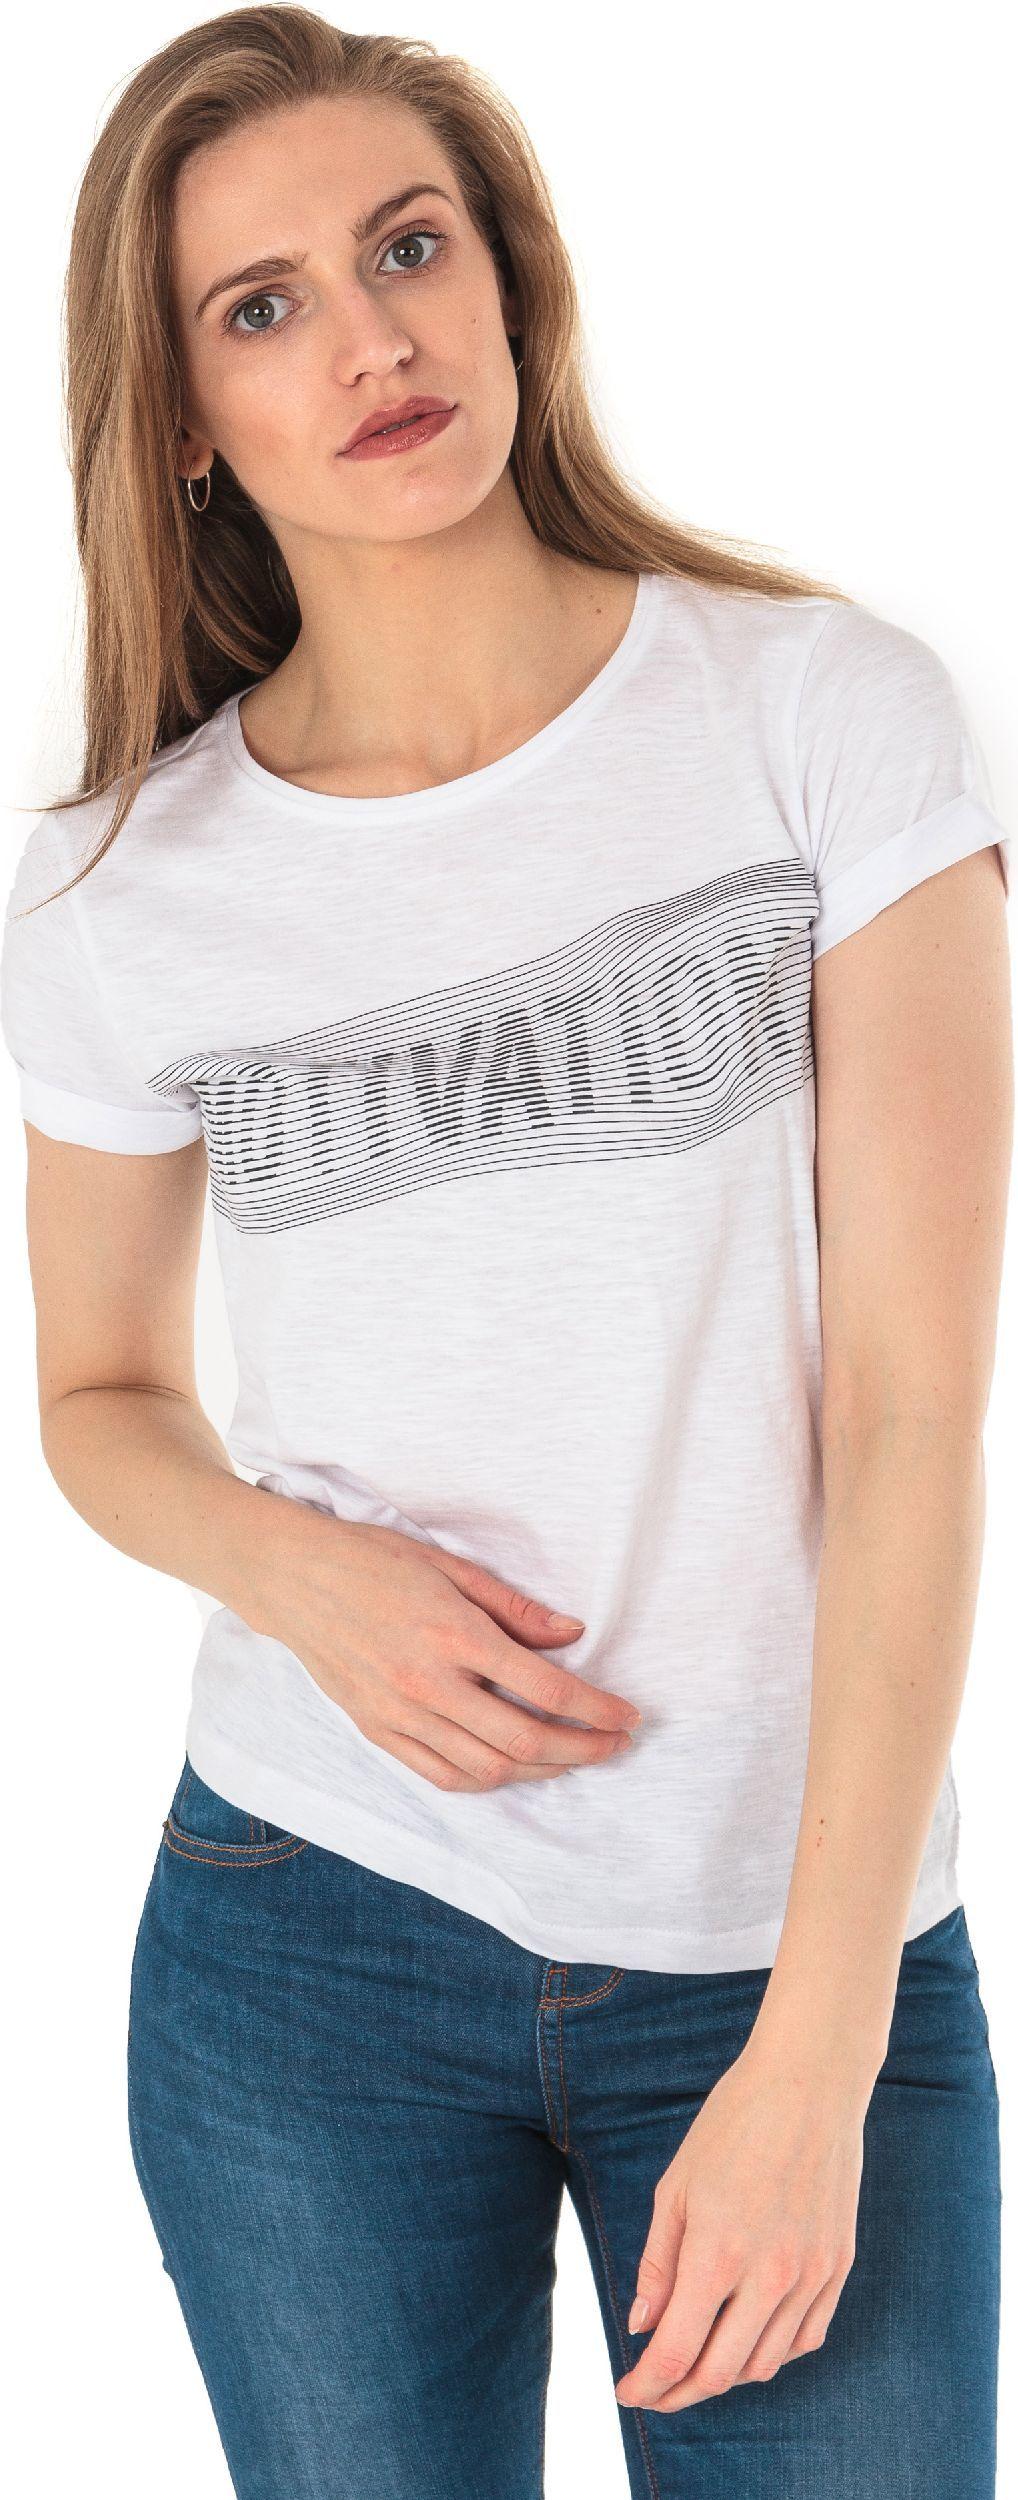 4f Koszulka damska H4L18-TSD018 biała r. M 1